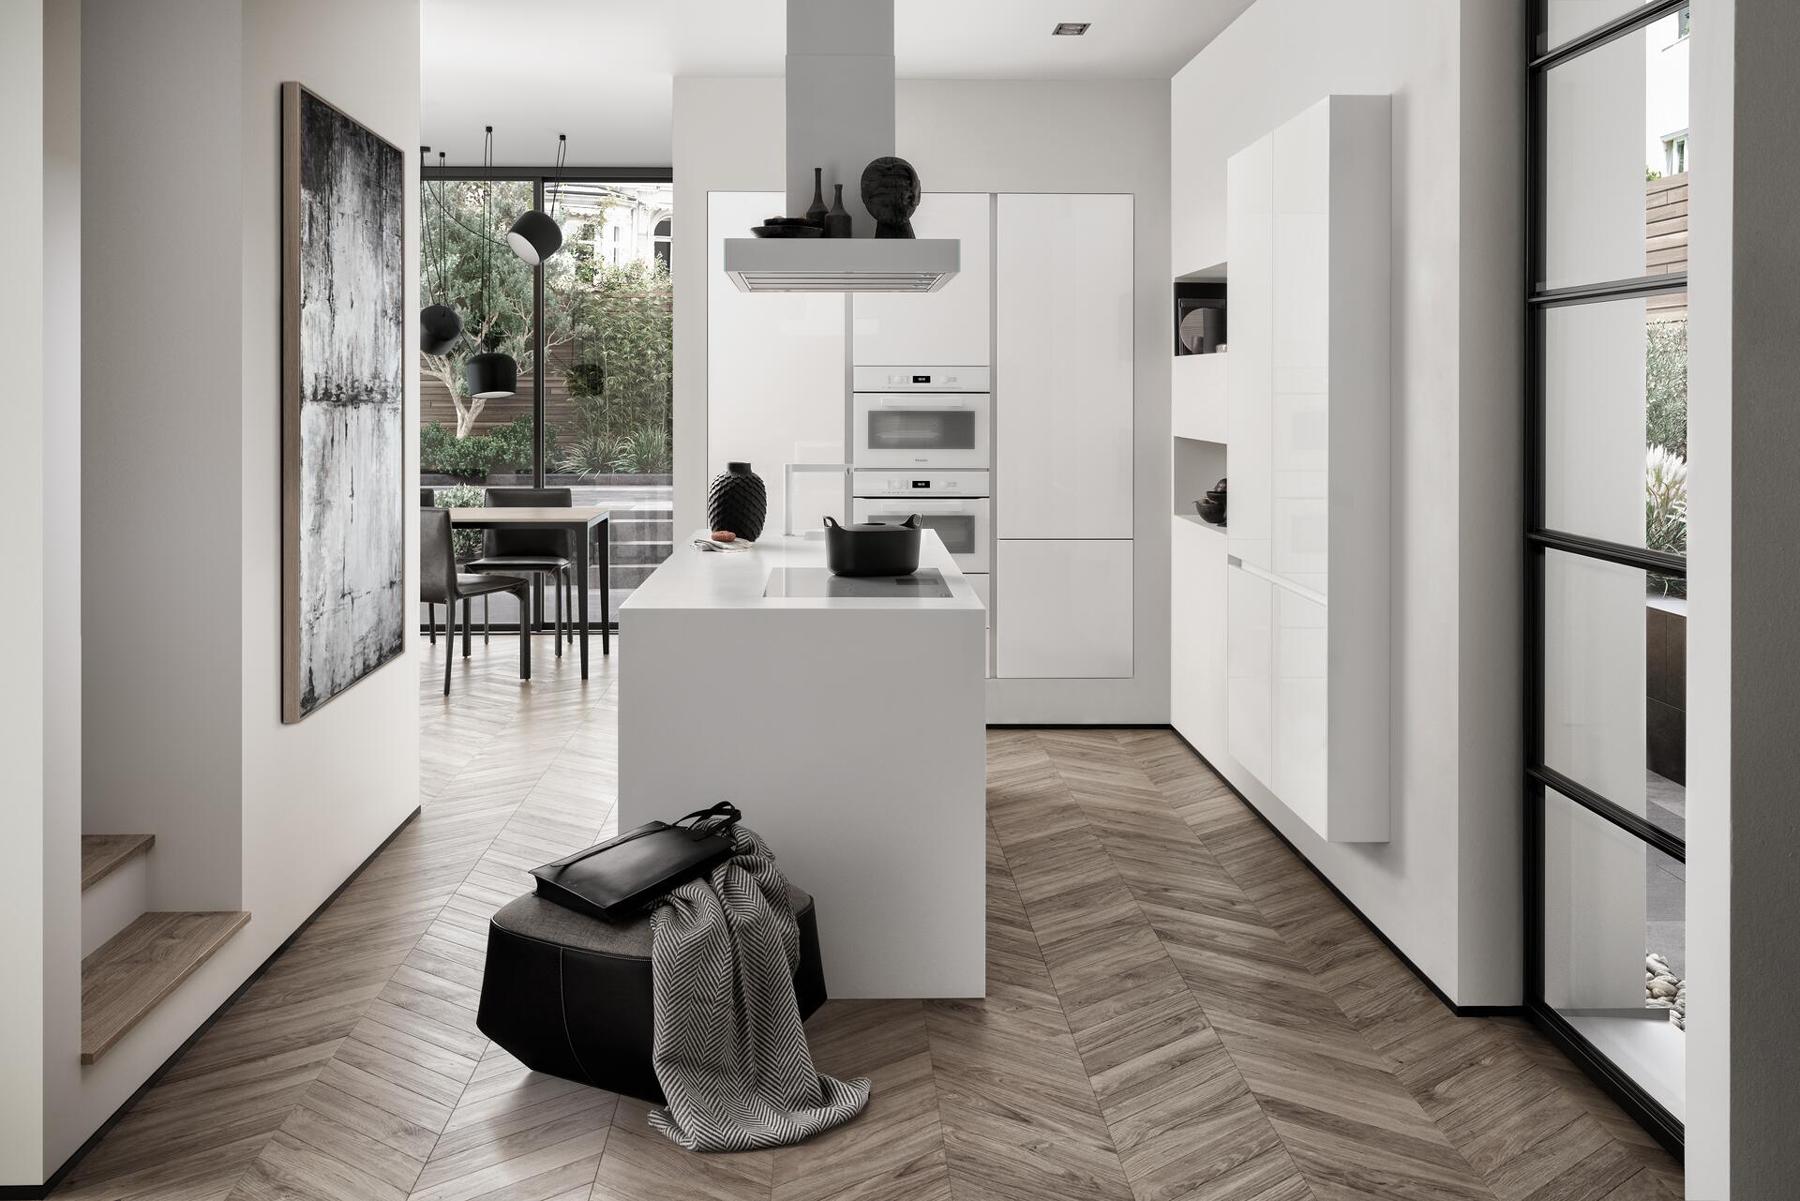 cocina de diseño SieMatic modelo Pure